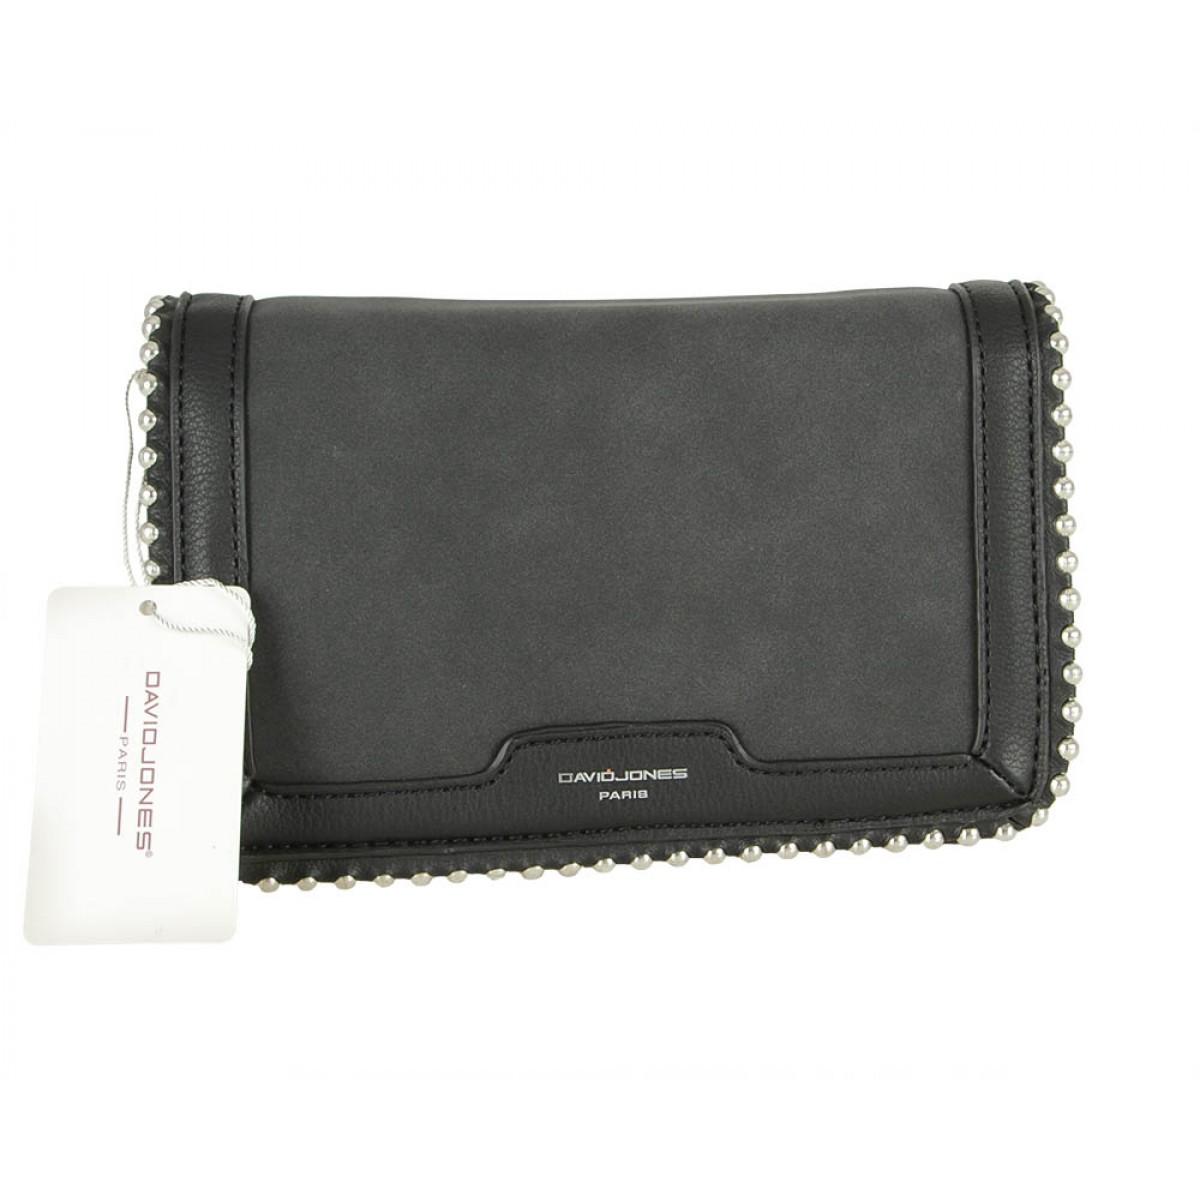 Жіноча сумка David Jones 6165-2 BLACK